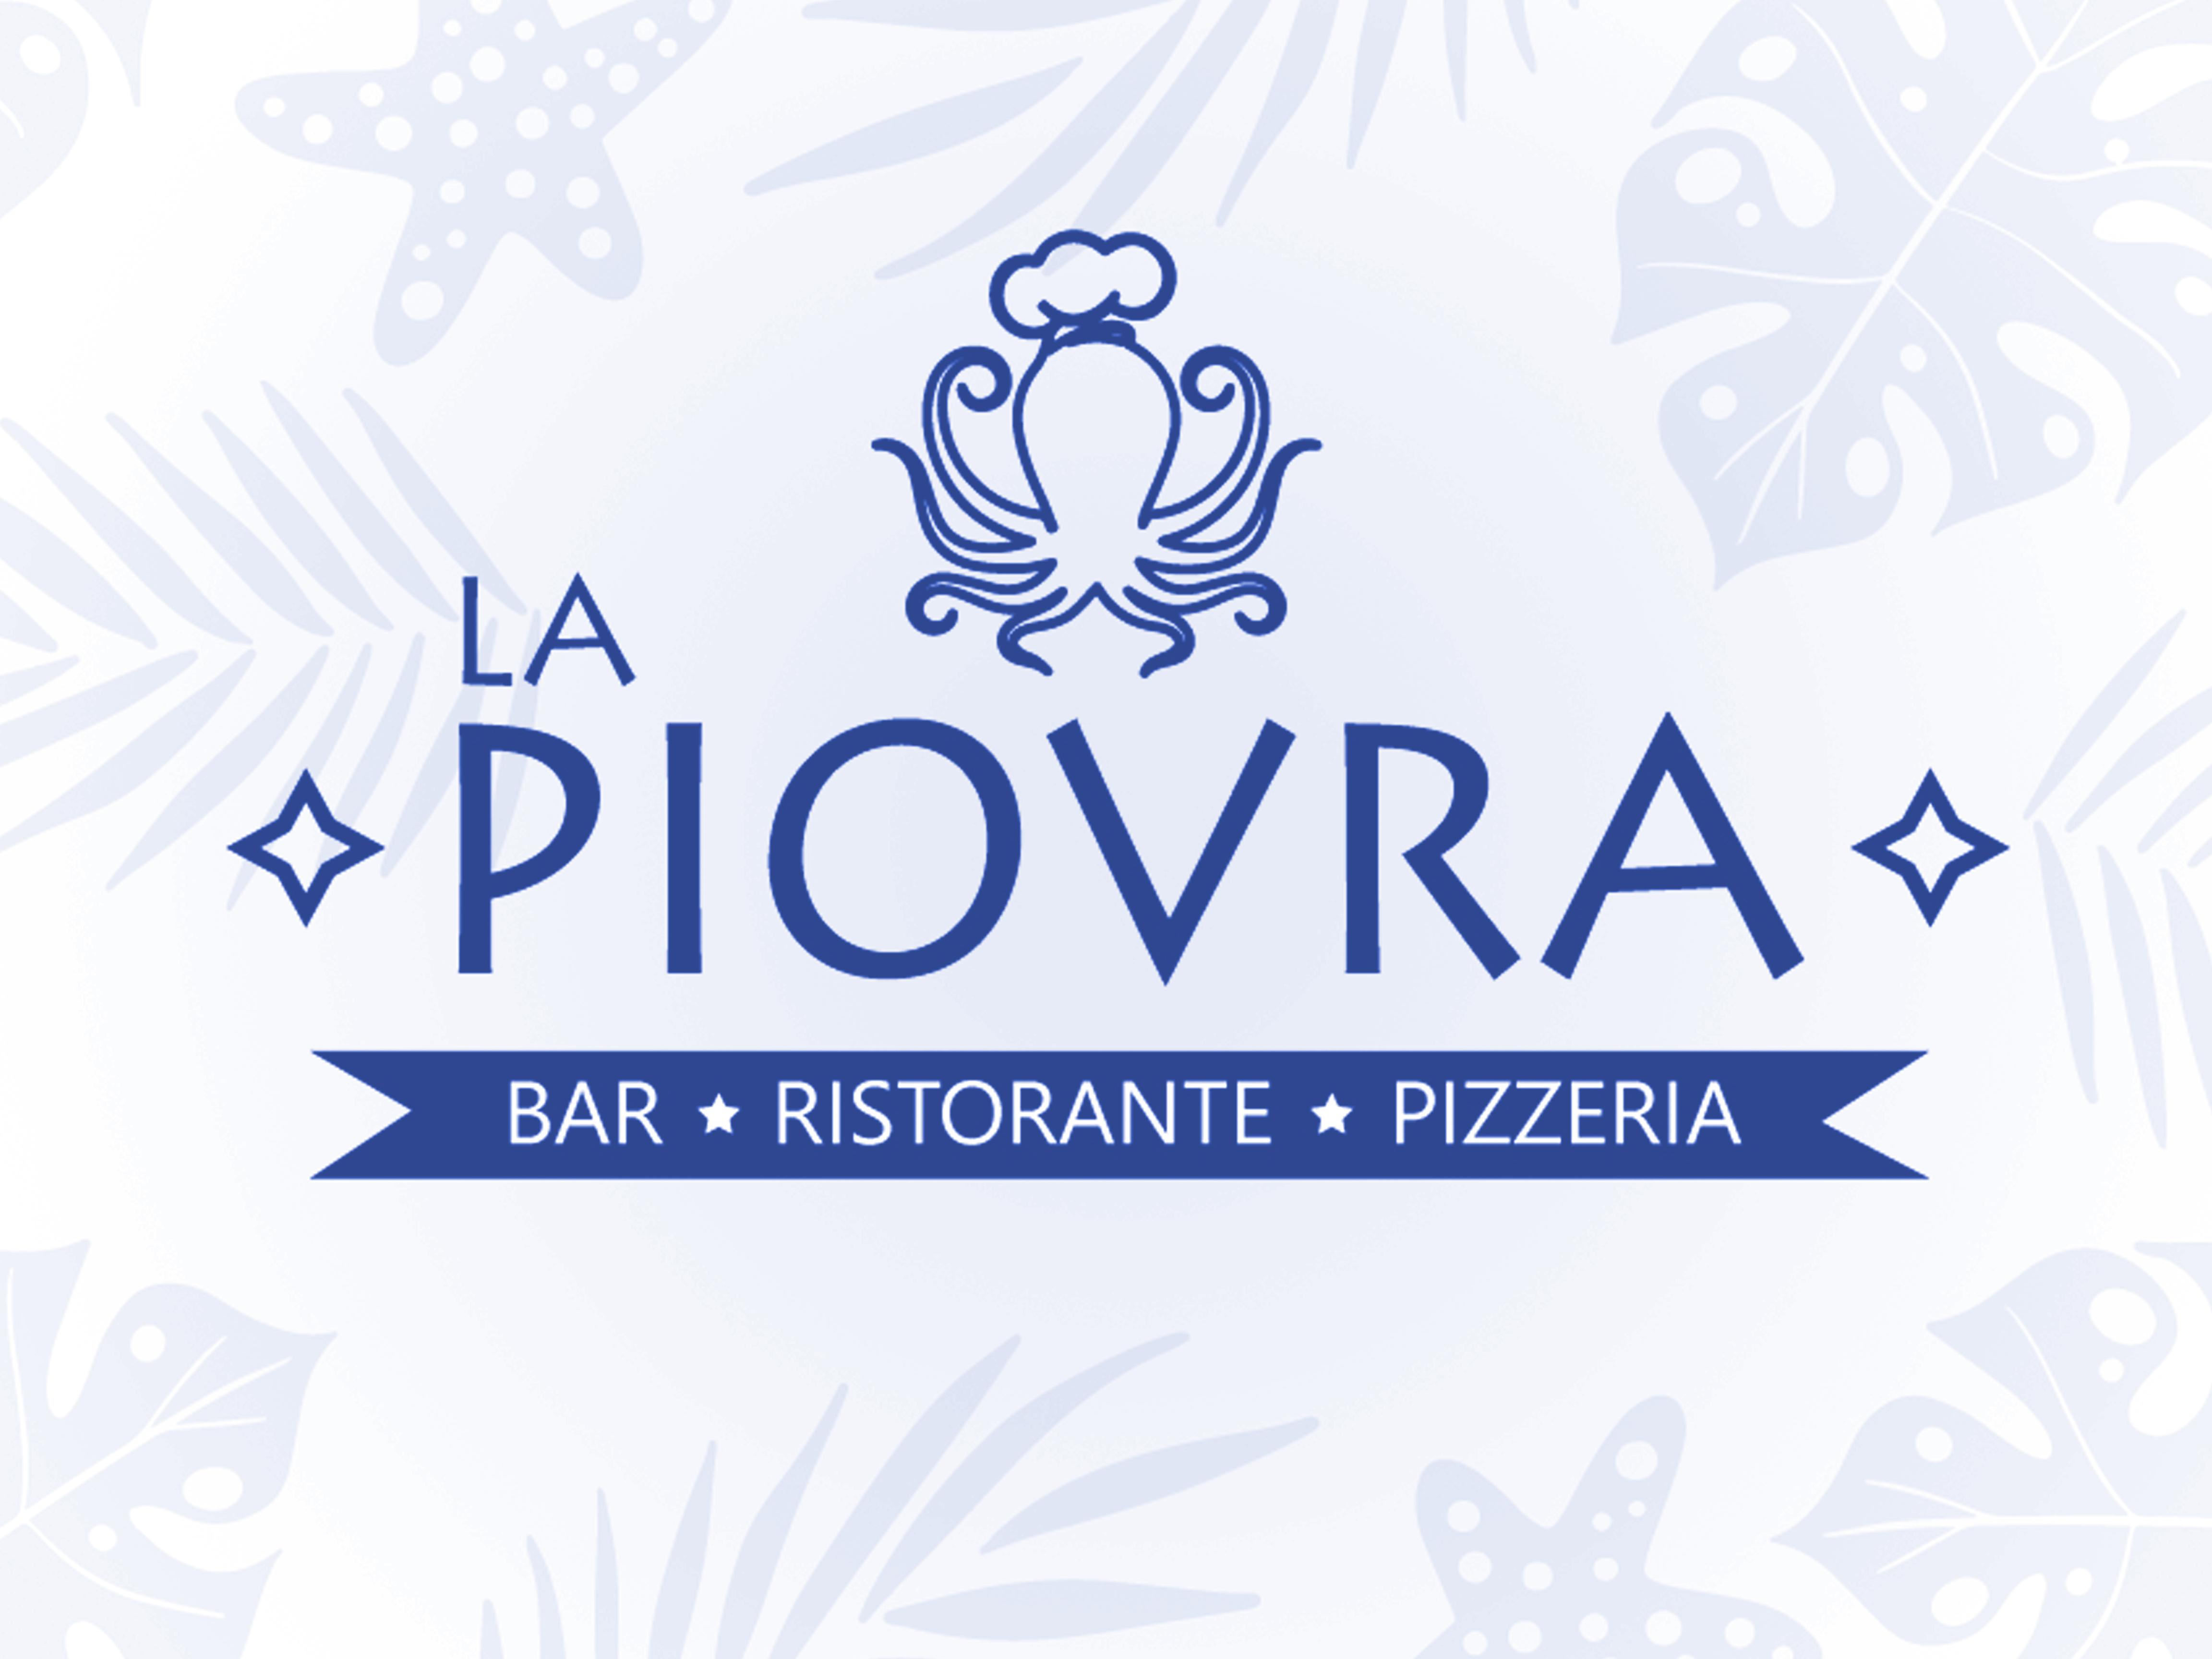 logo La Piovra